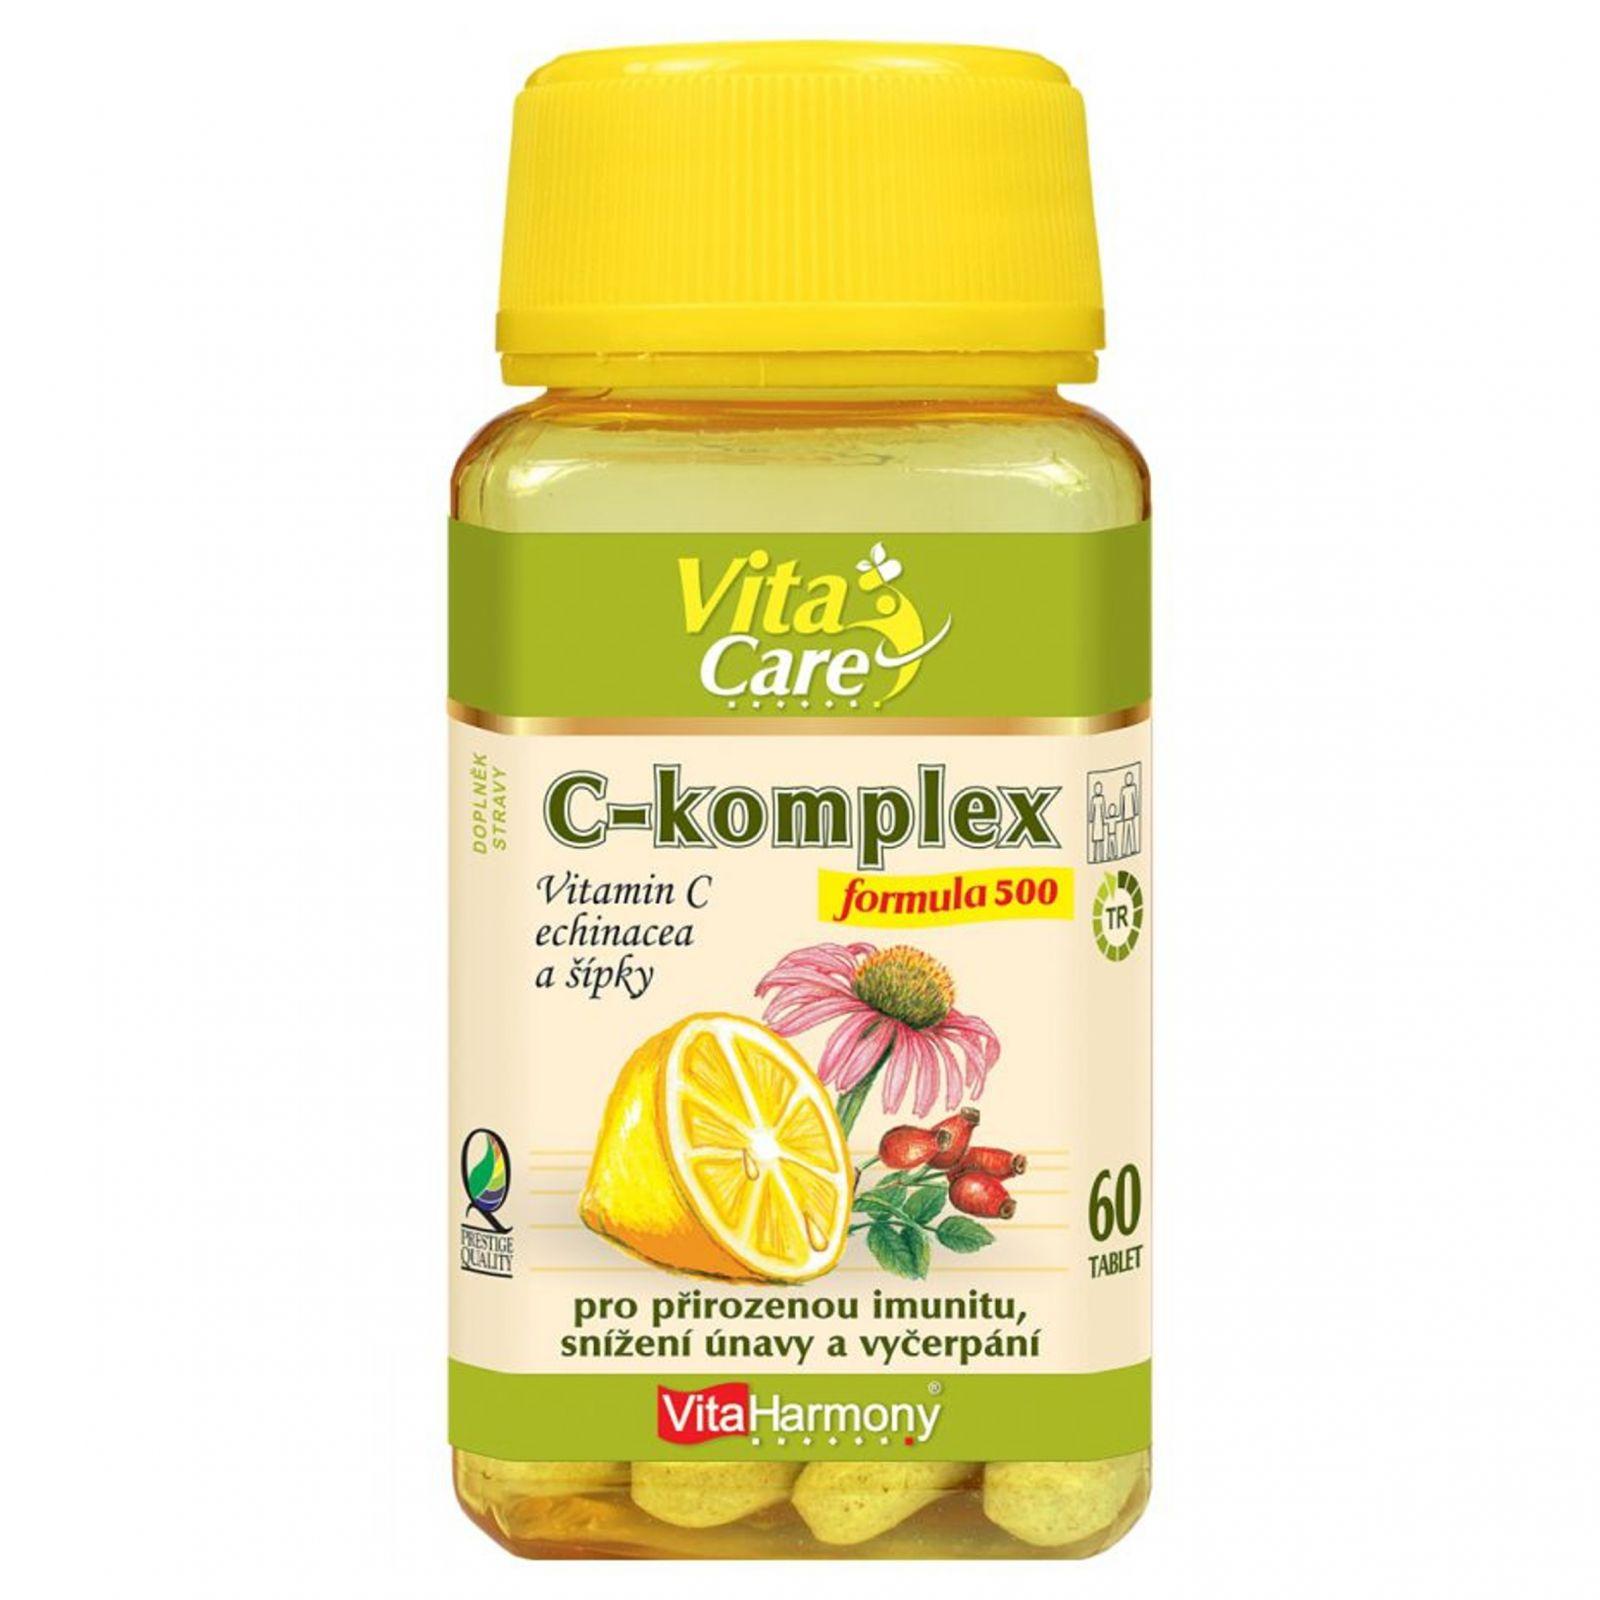 VitaHarmony C-komplex formula 500 - 60 tablet